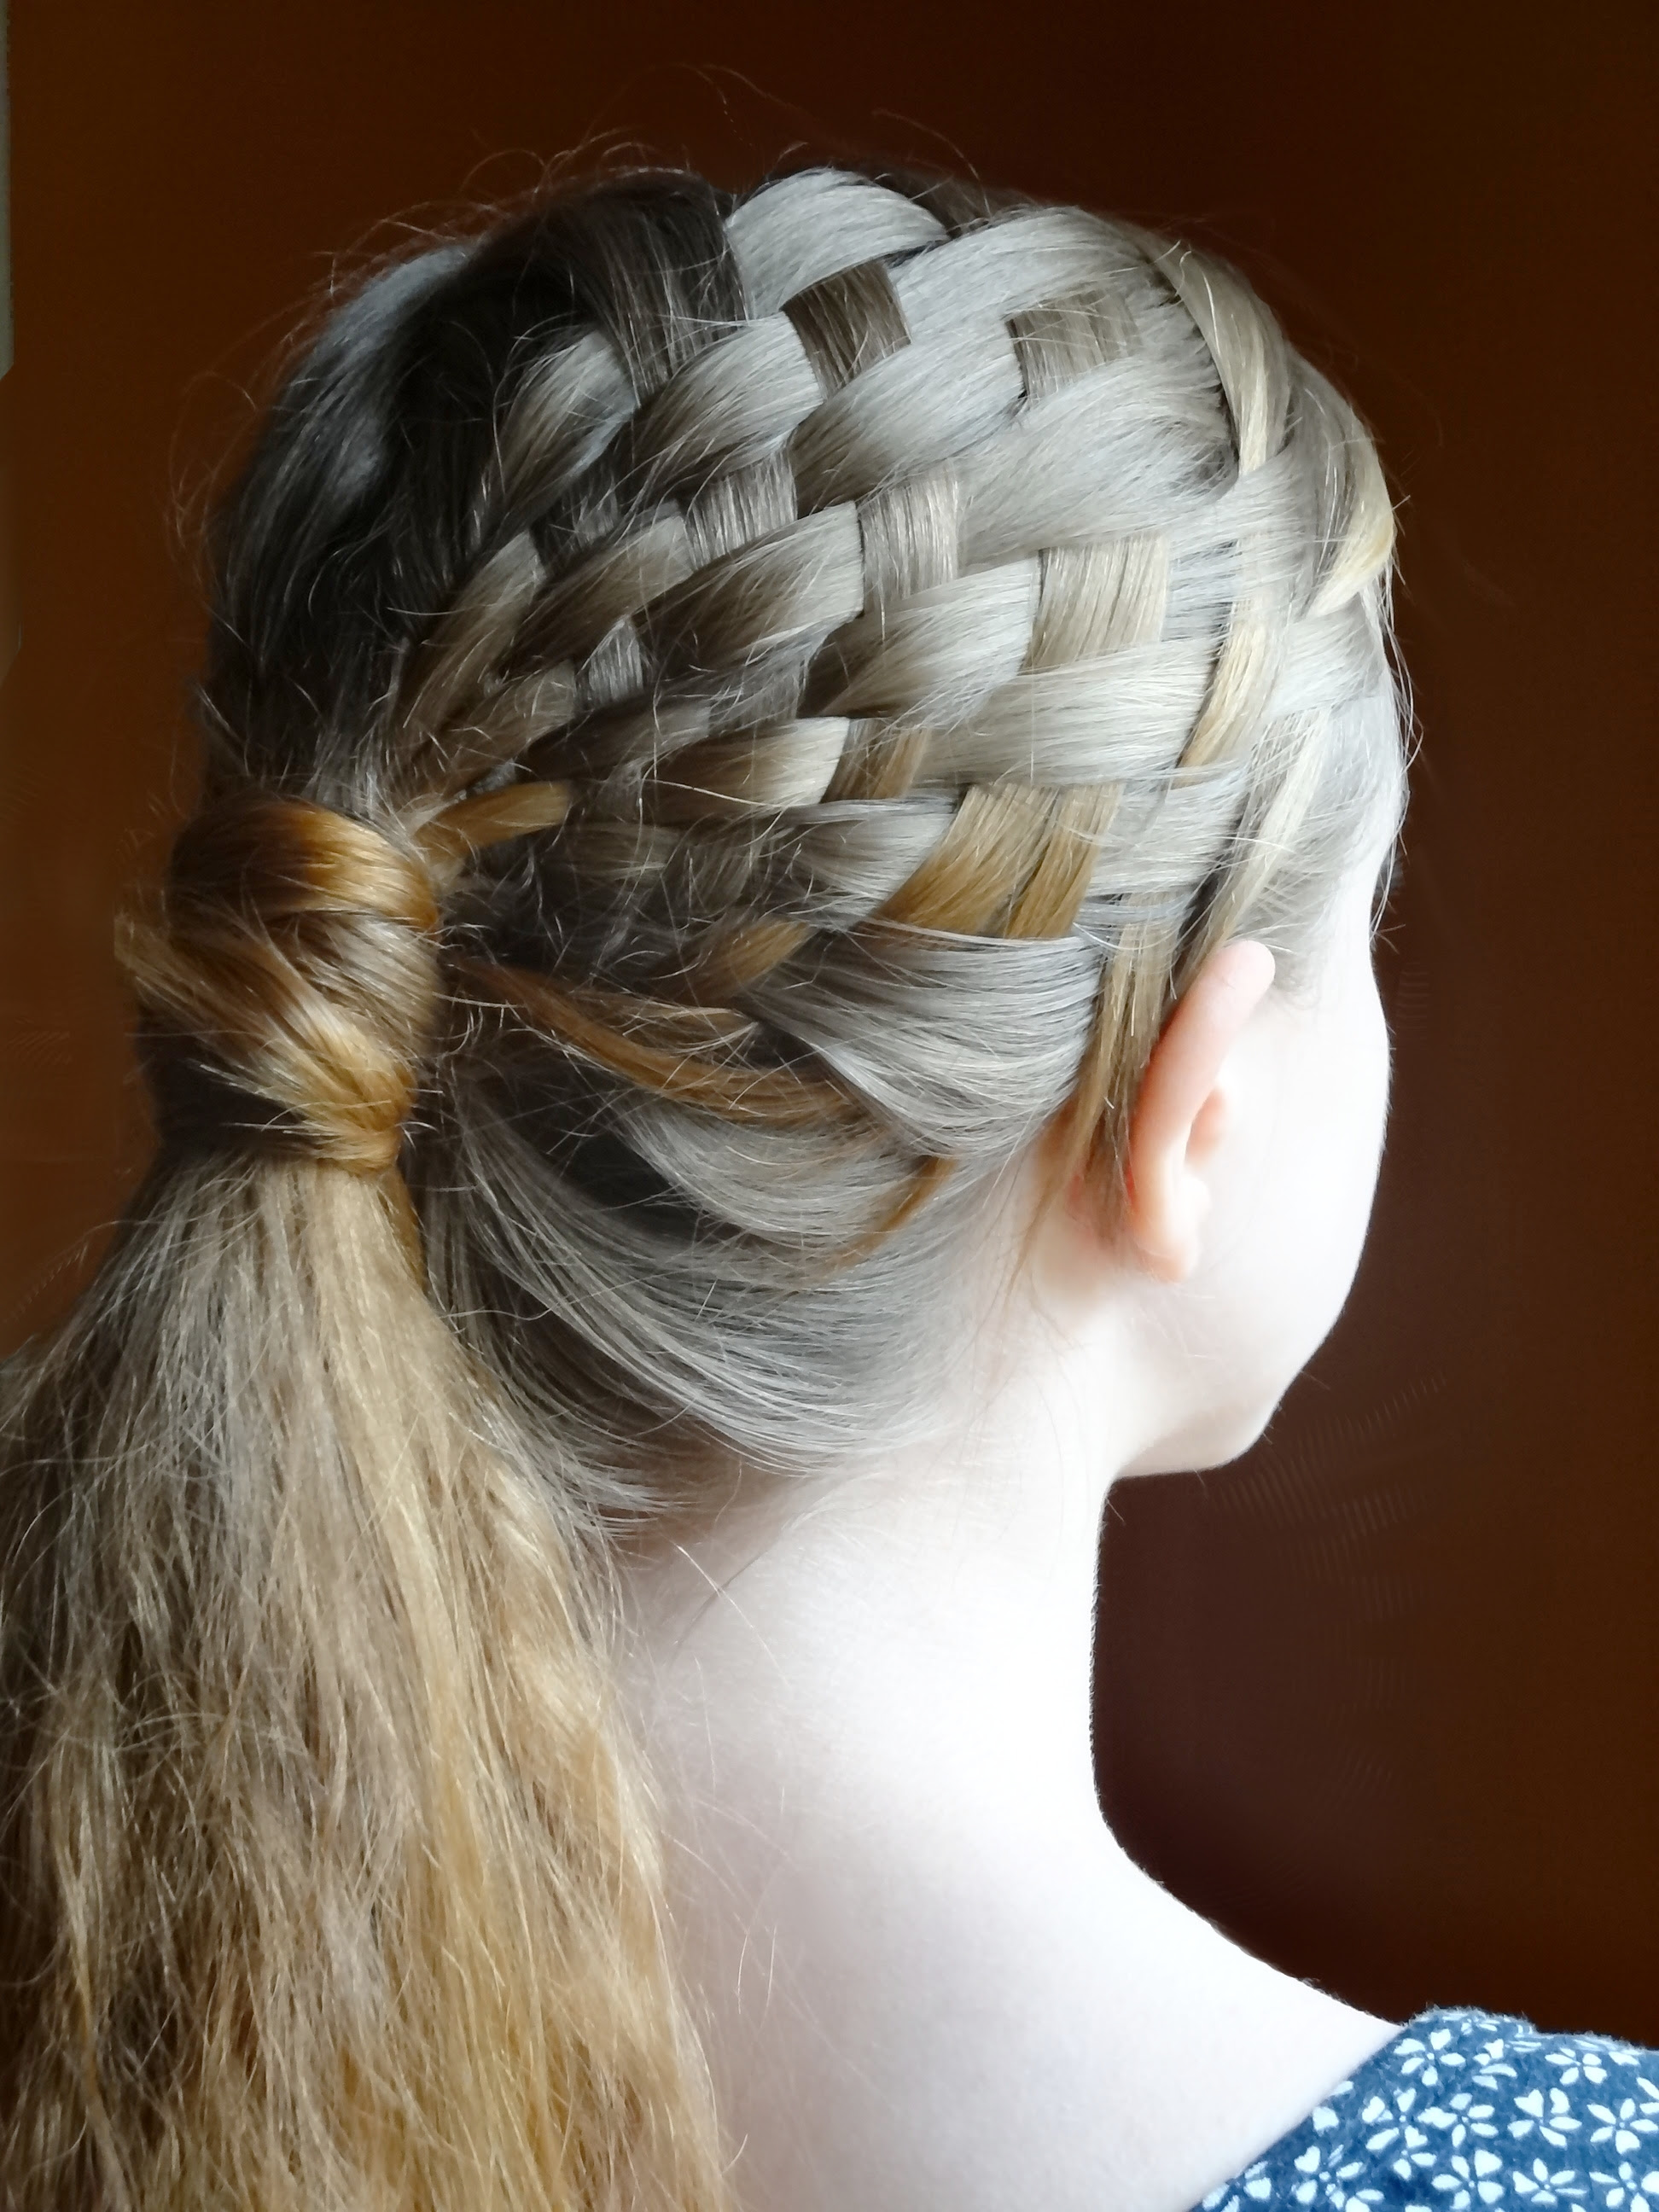 Frisur Affenschaukel Anleitung Damenfrisuren